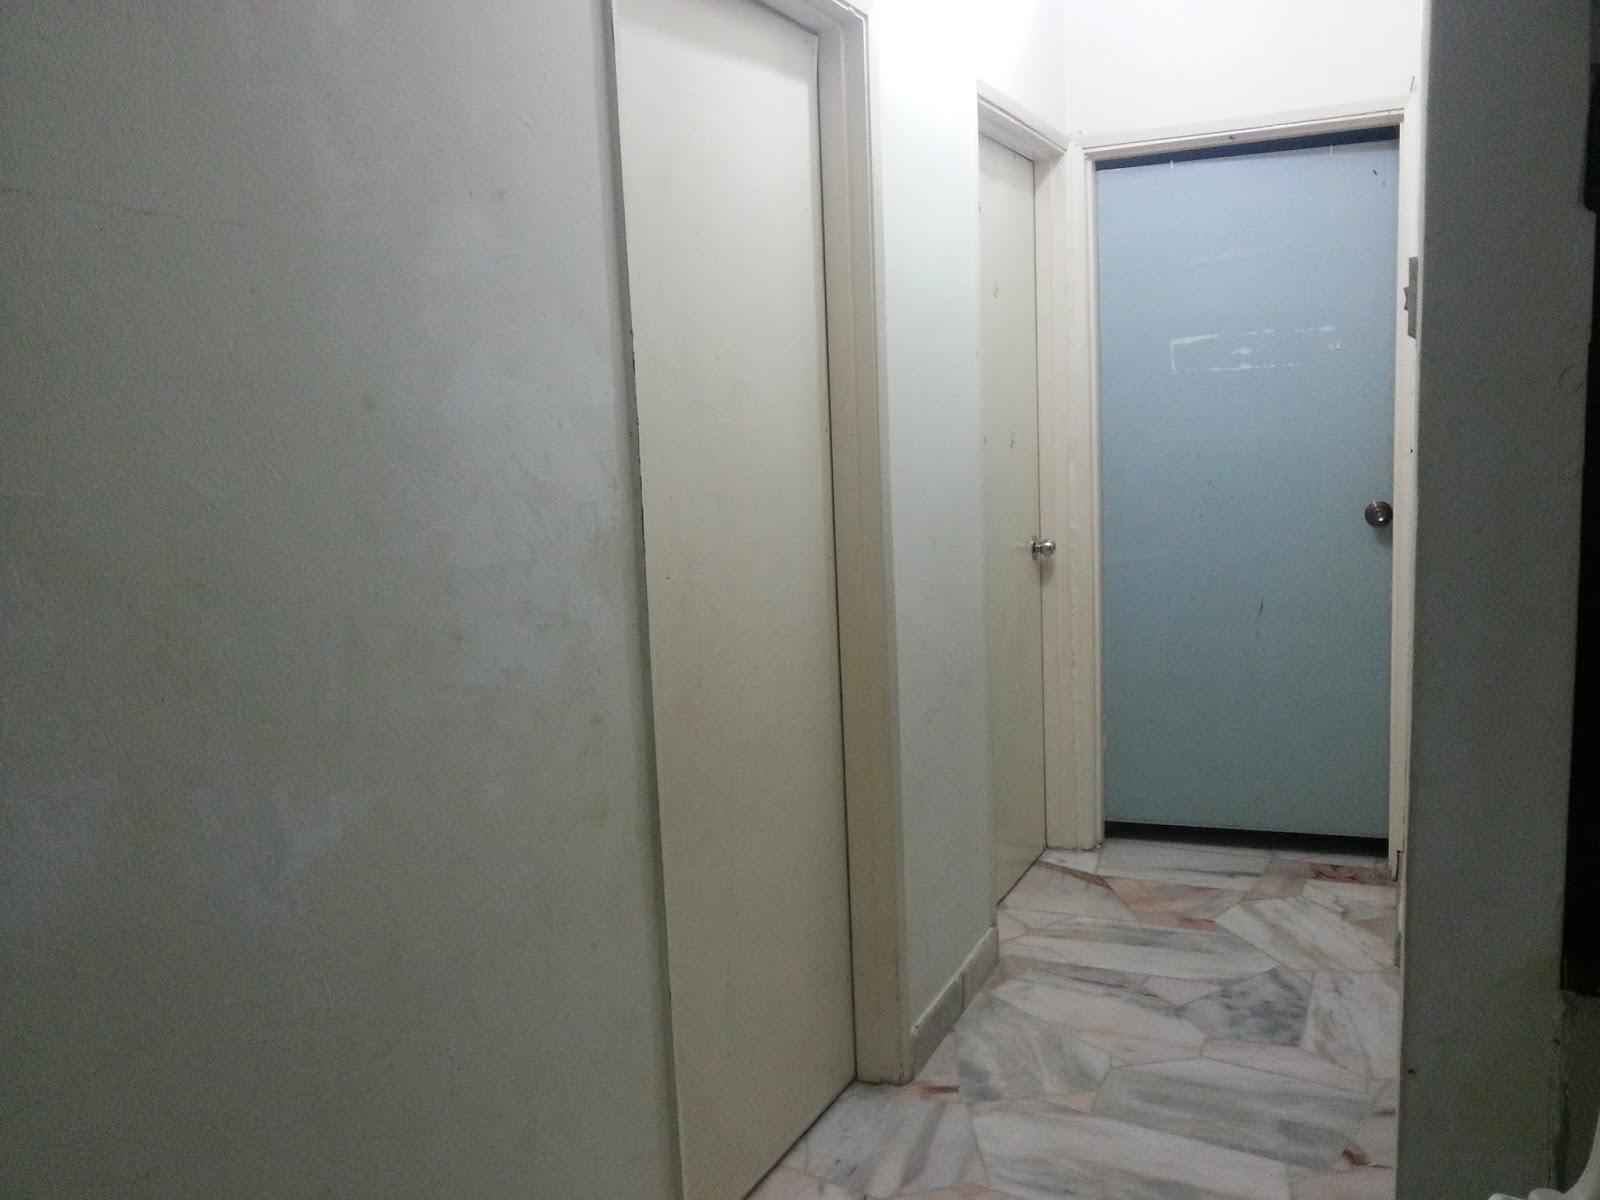 1 Bilik Kanak2 Pintu Biru Tu Pelik Sebab Owner Pecahkan Sambung Ke Dapur So Laundry Stor Serabut Pengemasan Mengambil Masa